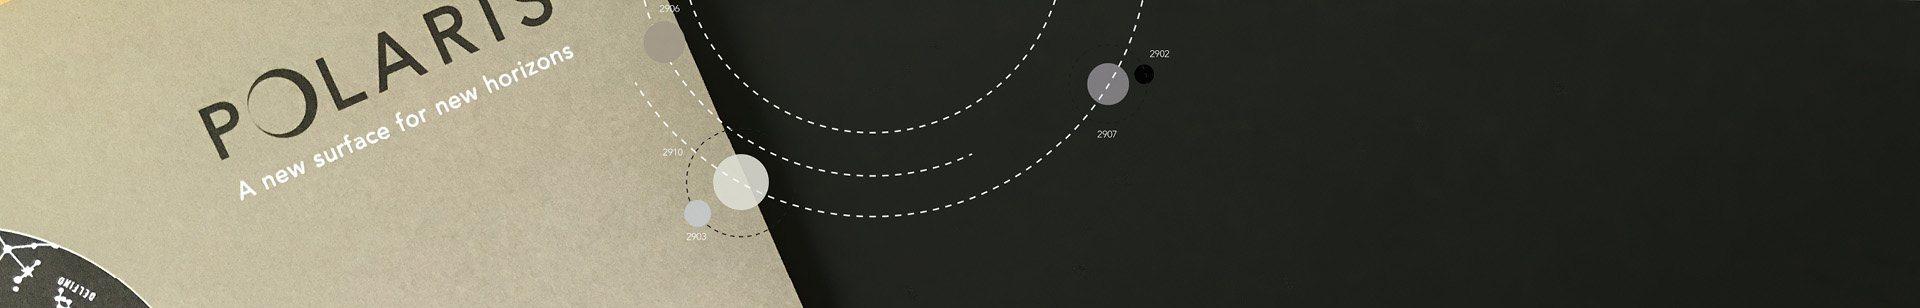 Polaris Space